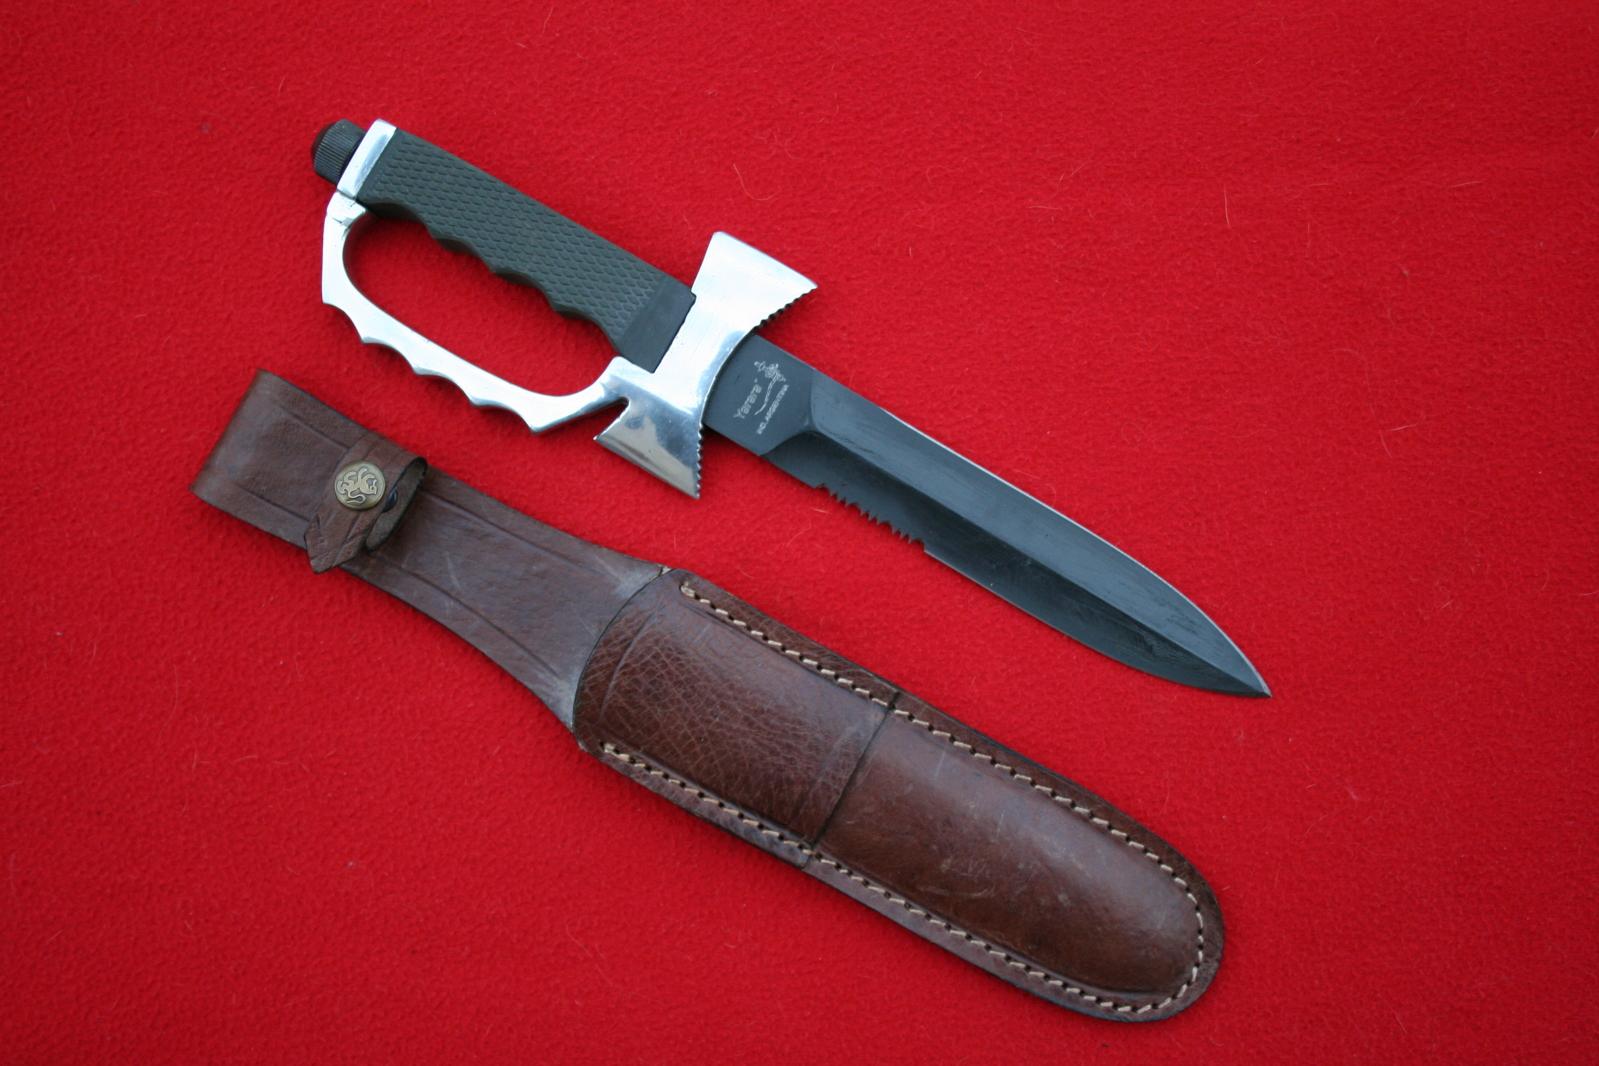 collection de lames de fabnatcyr (dague poignard couteau) - Page 5 2l9mh2